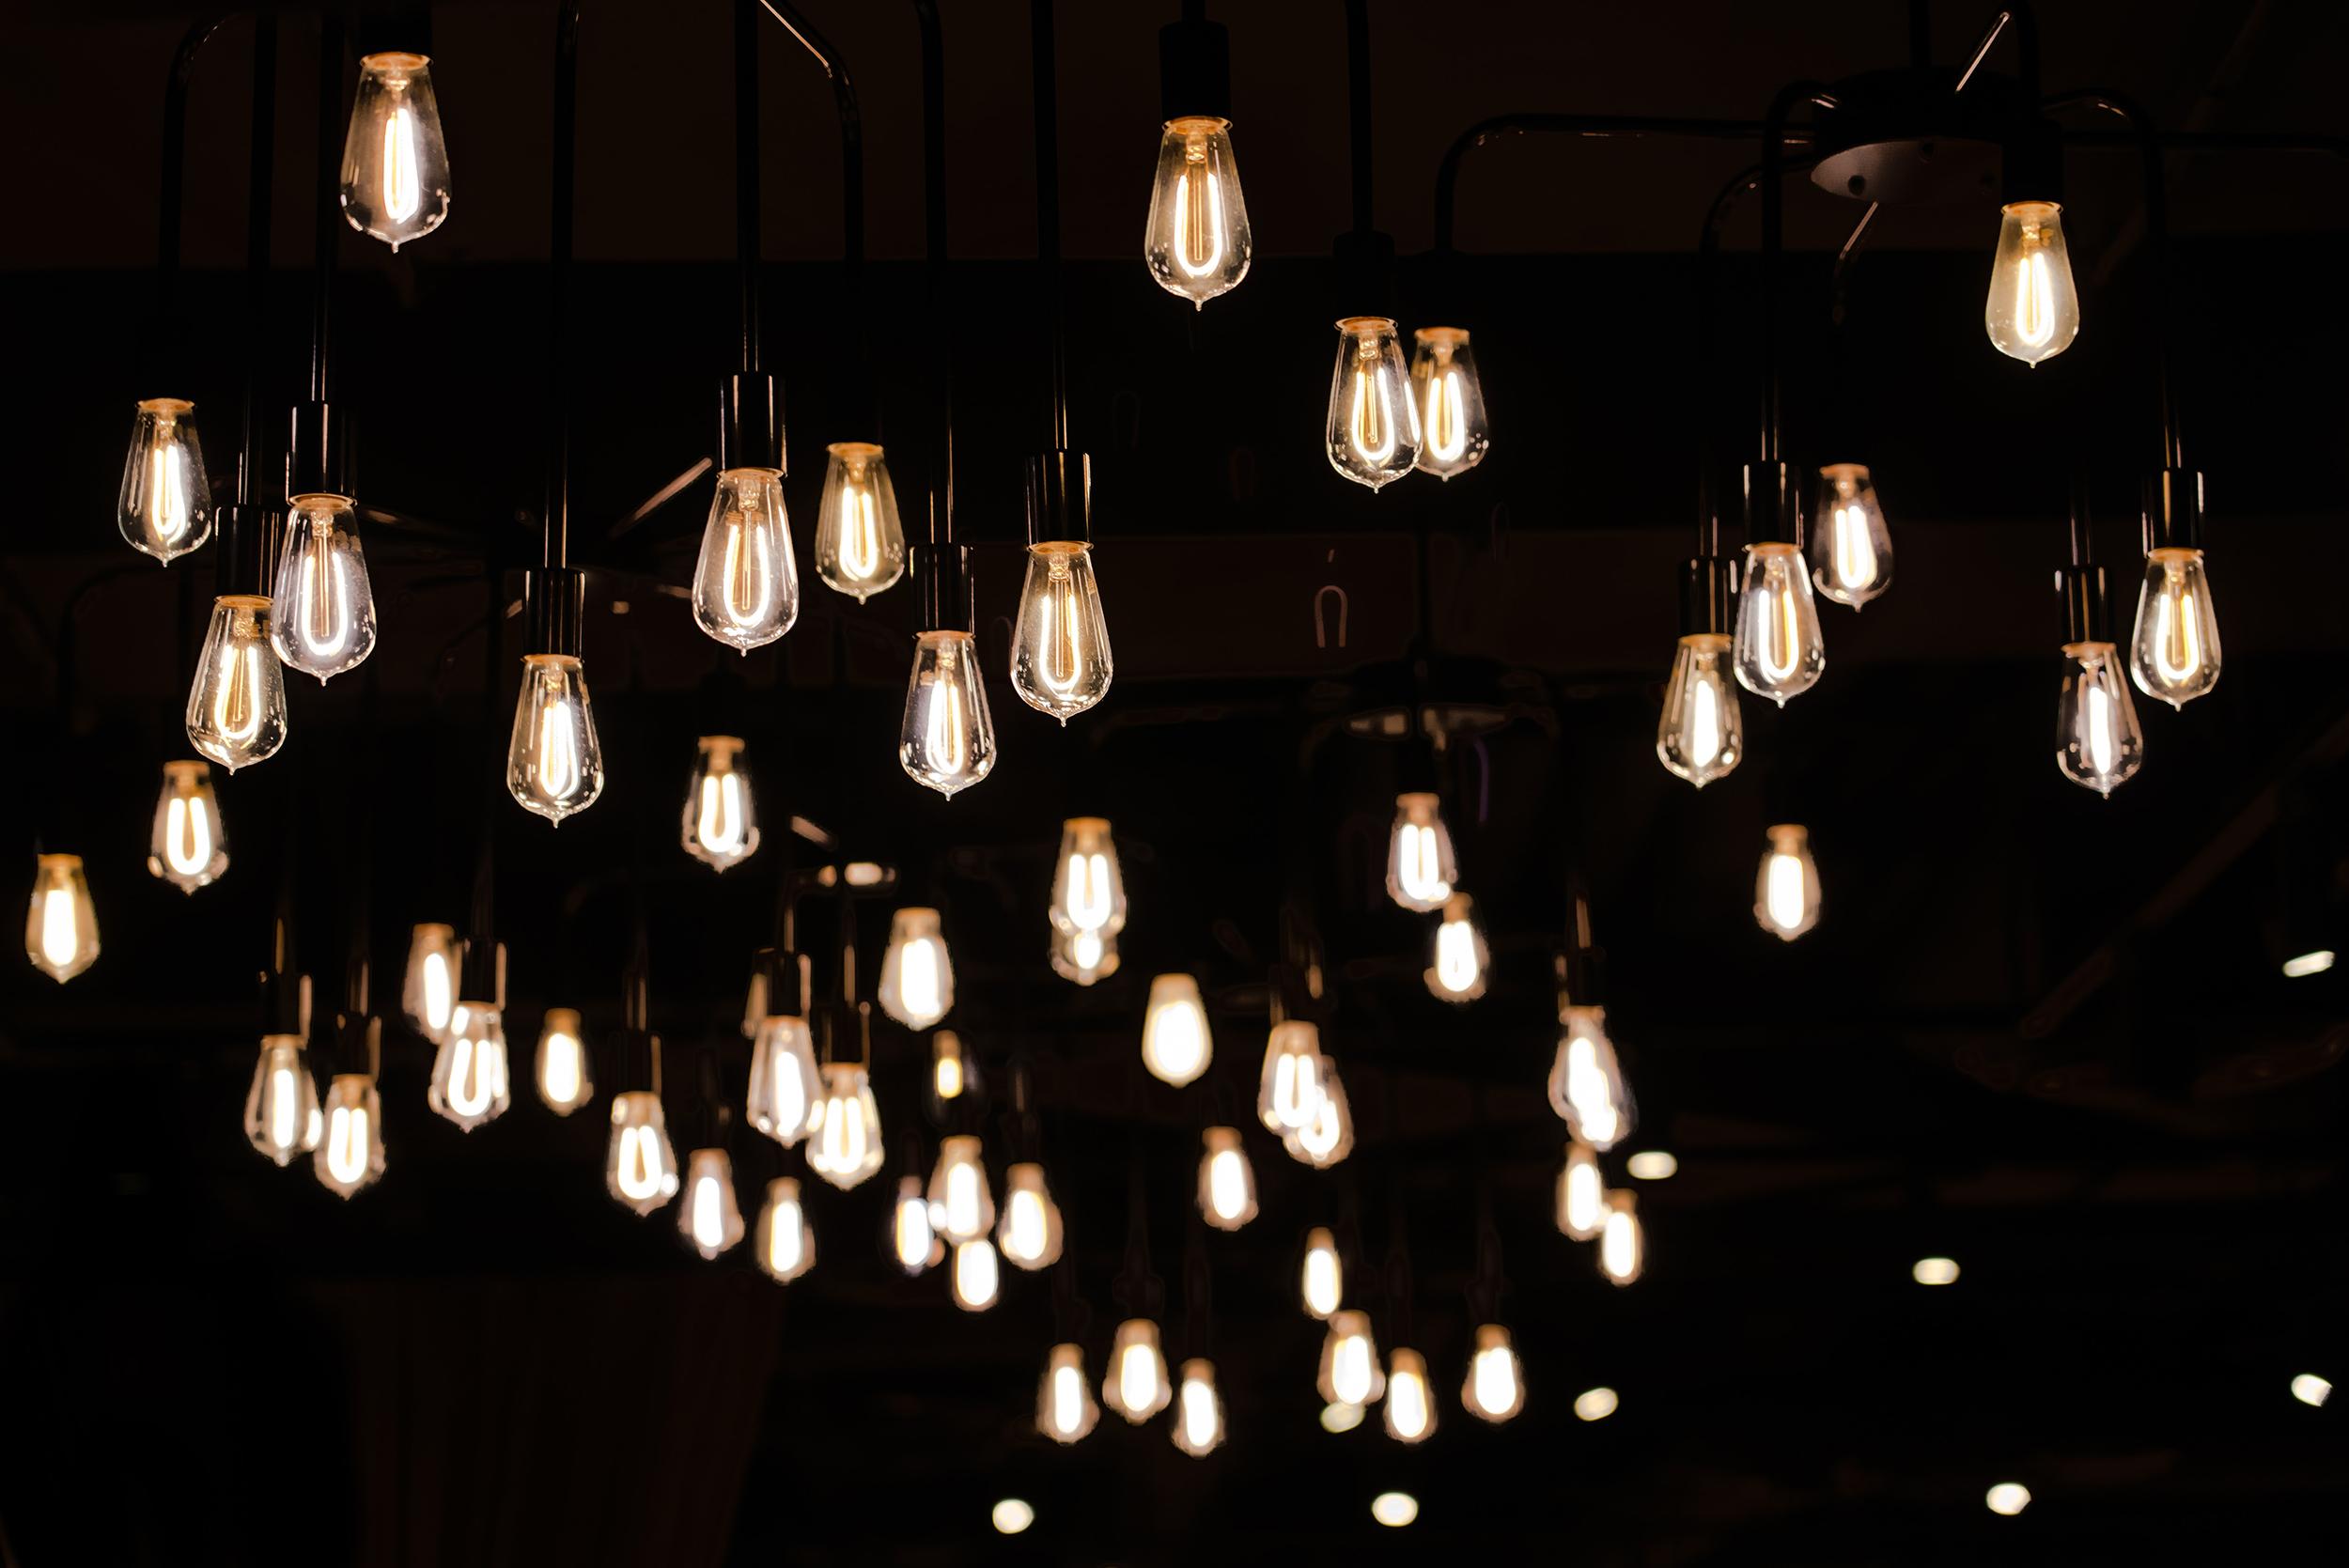 Imagen con fondo nocturno en el que aparecen varian bombillas iluminadas